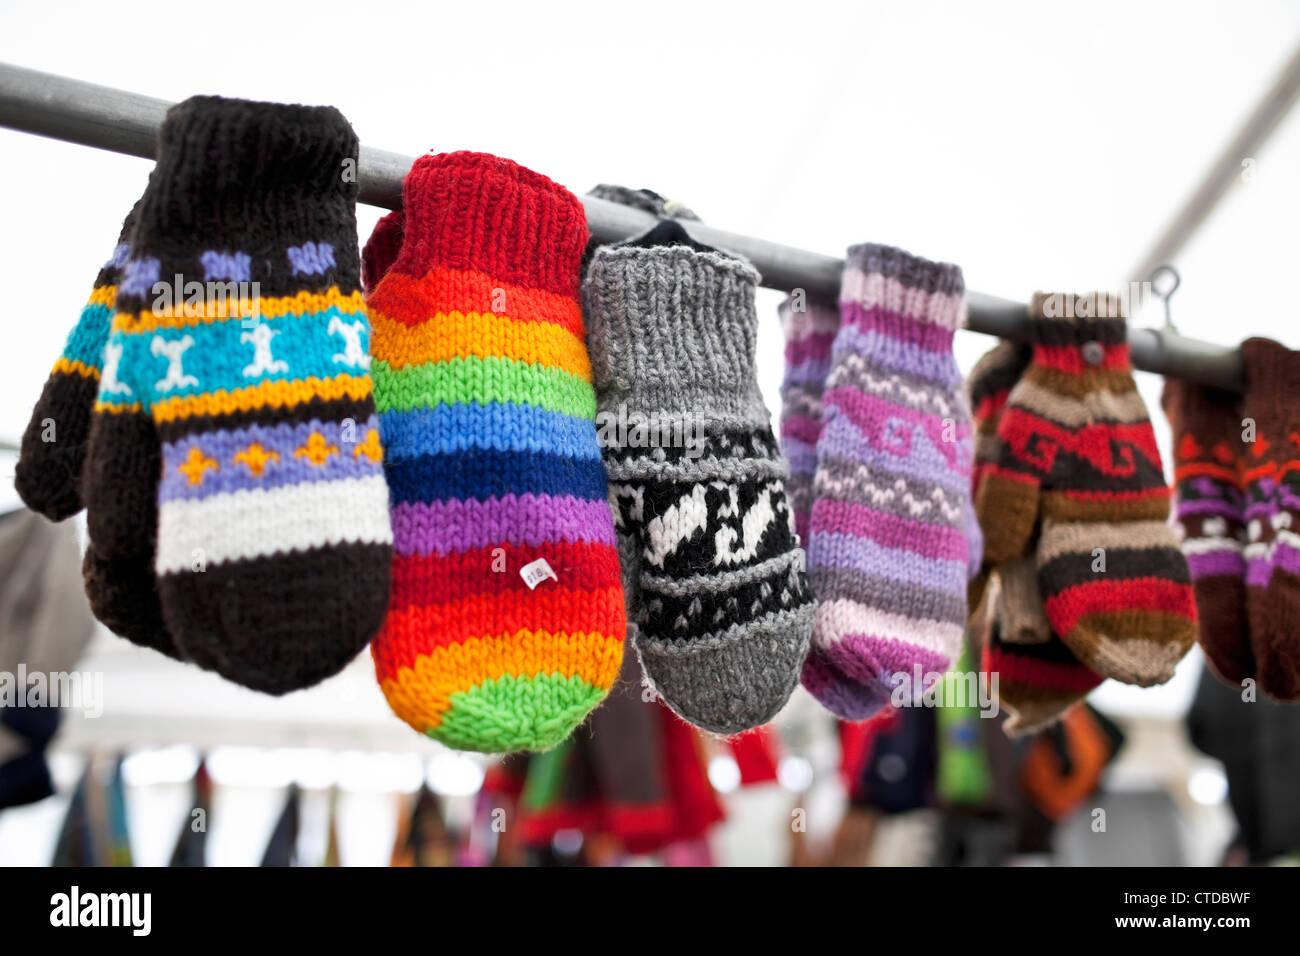 Handmade wool mittens - Stock Image